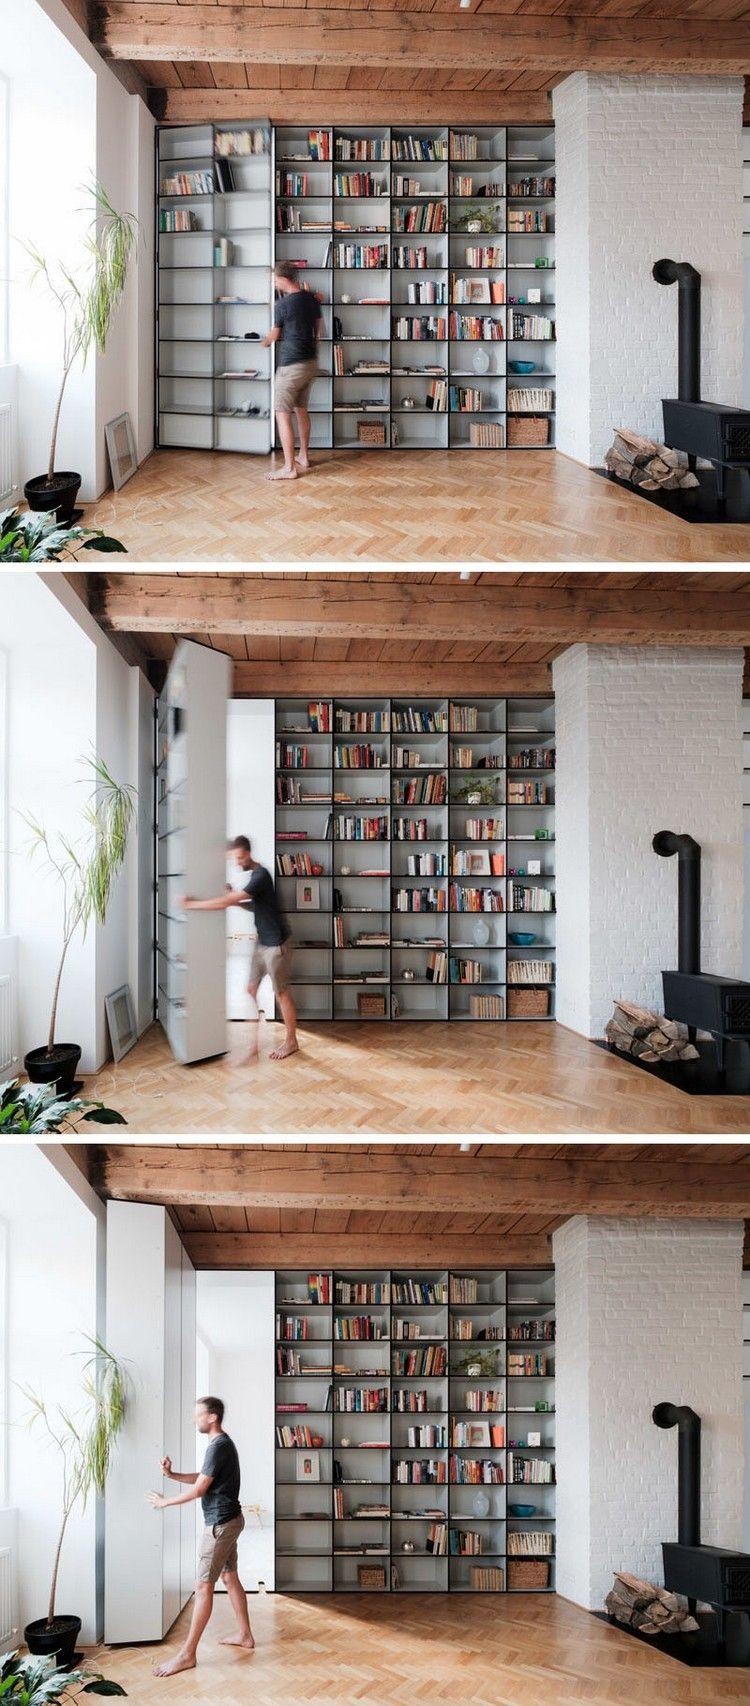 porte biblioth que cach e id es am nagement id es portes pinterest maison interieur et portes. Black Bedroom Furniture Sets. Home Design Ideas